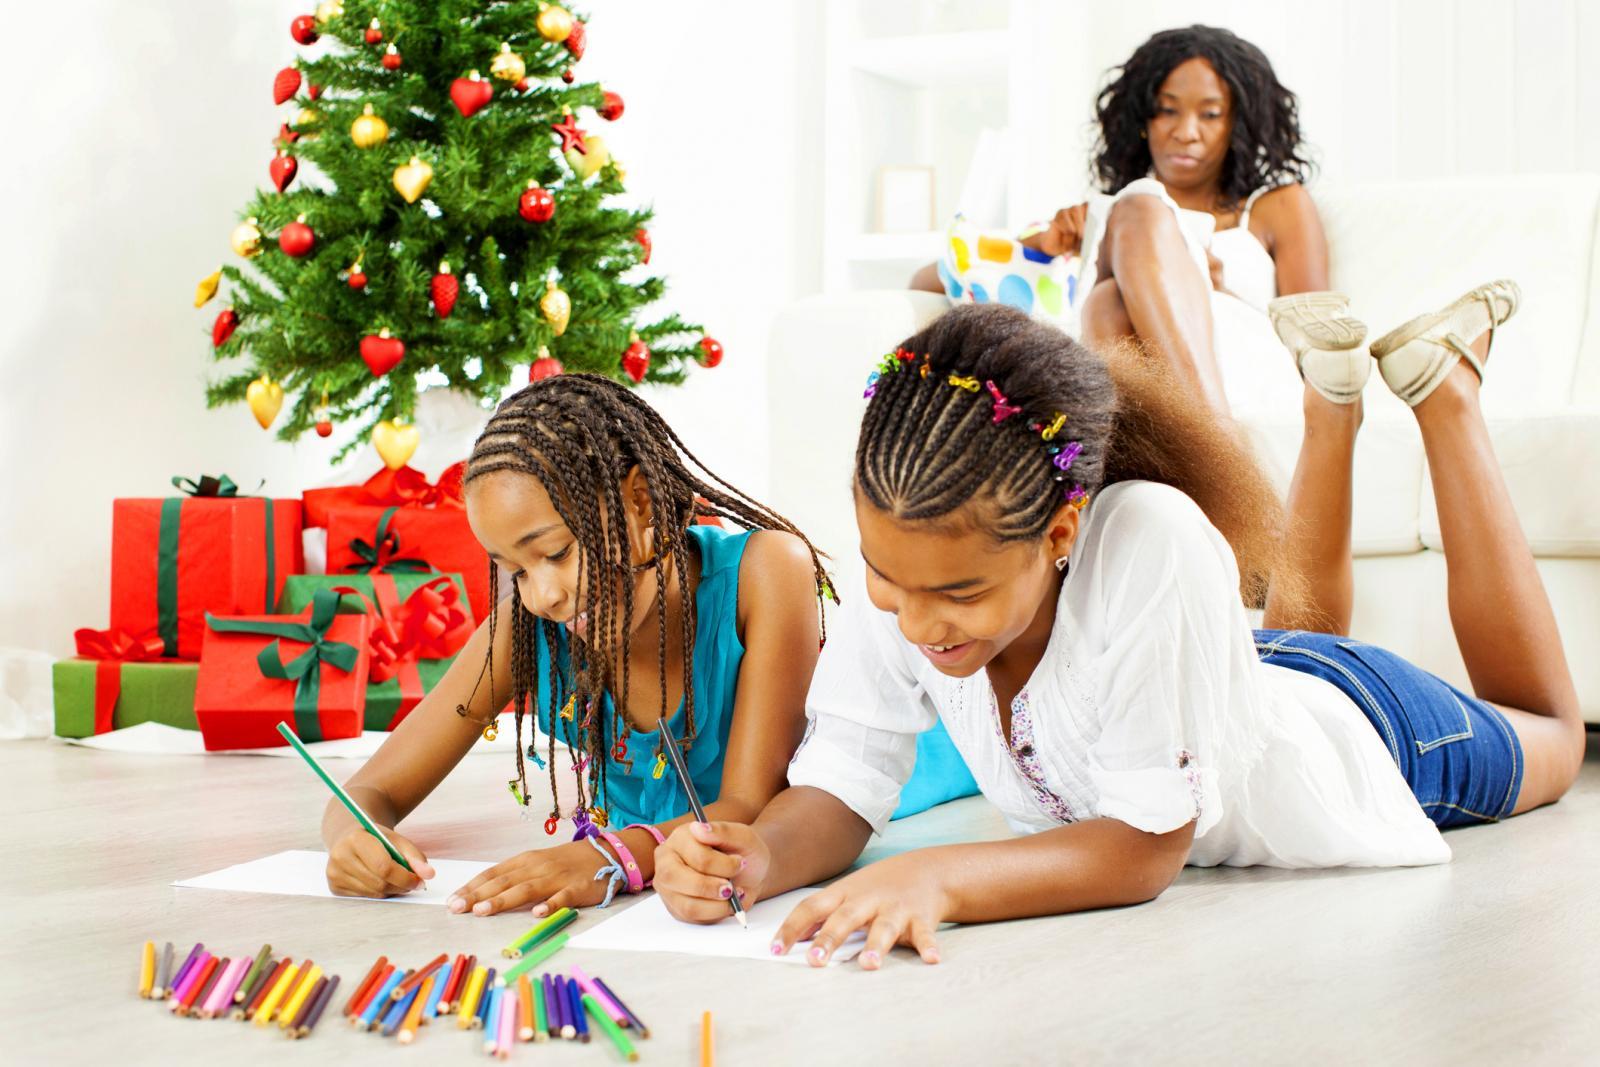 girls coloring at Christmas